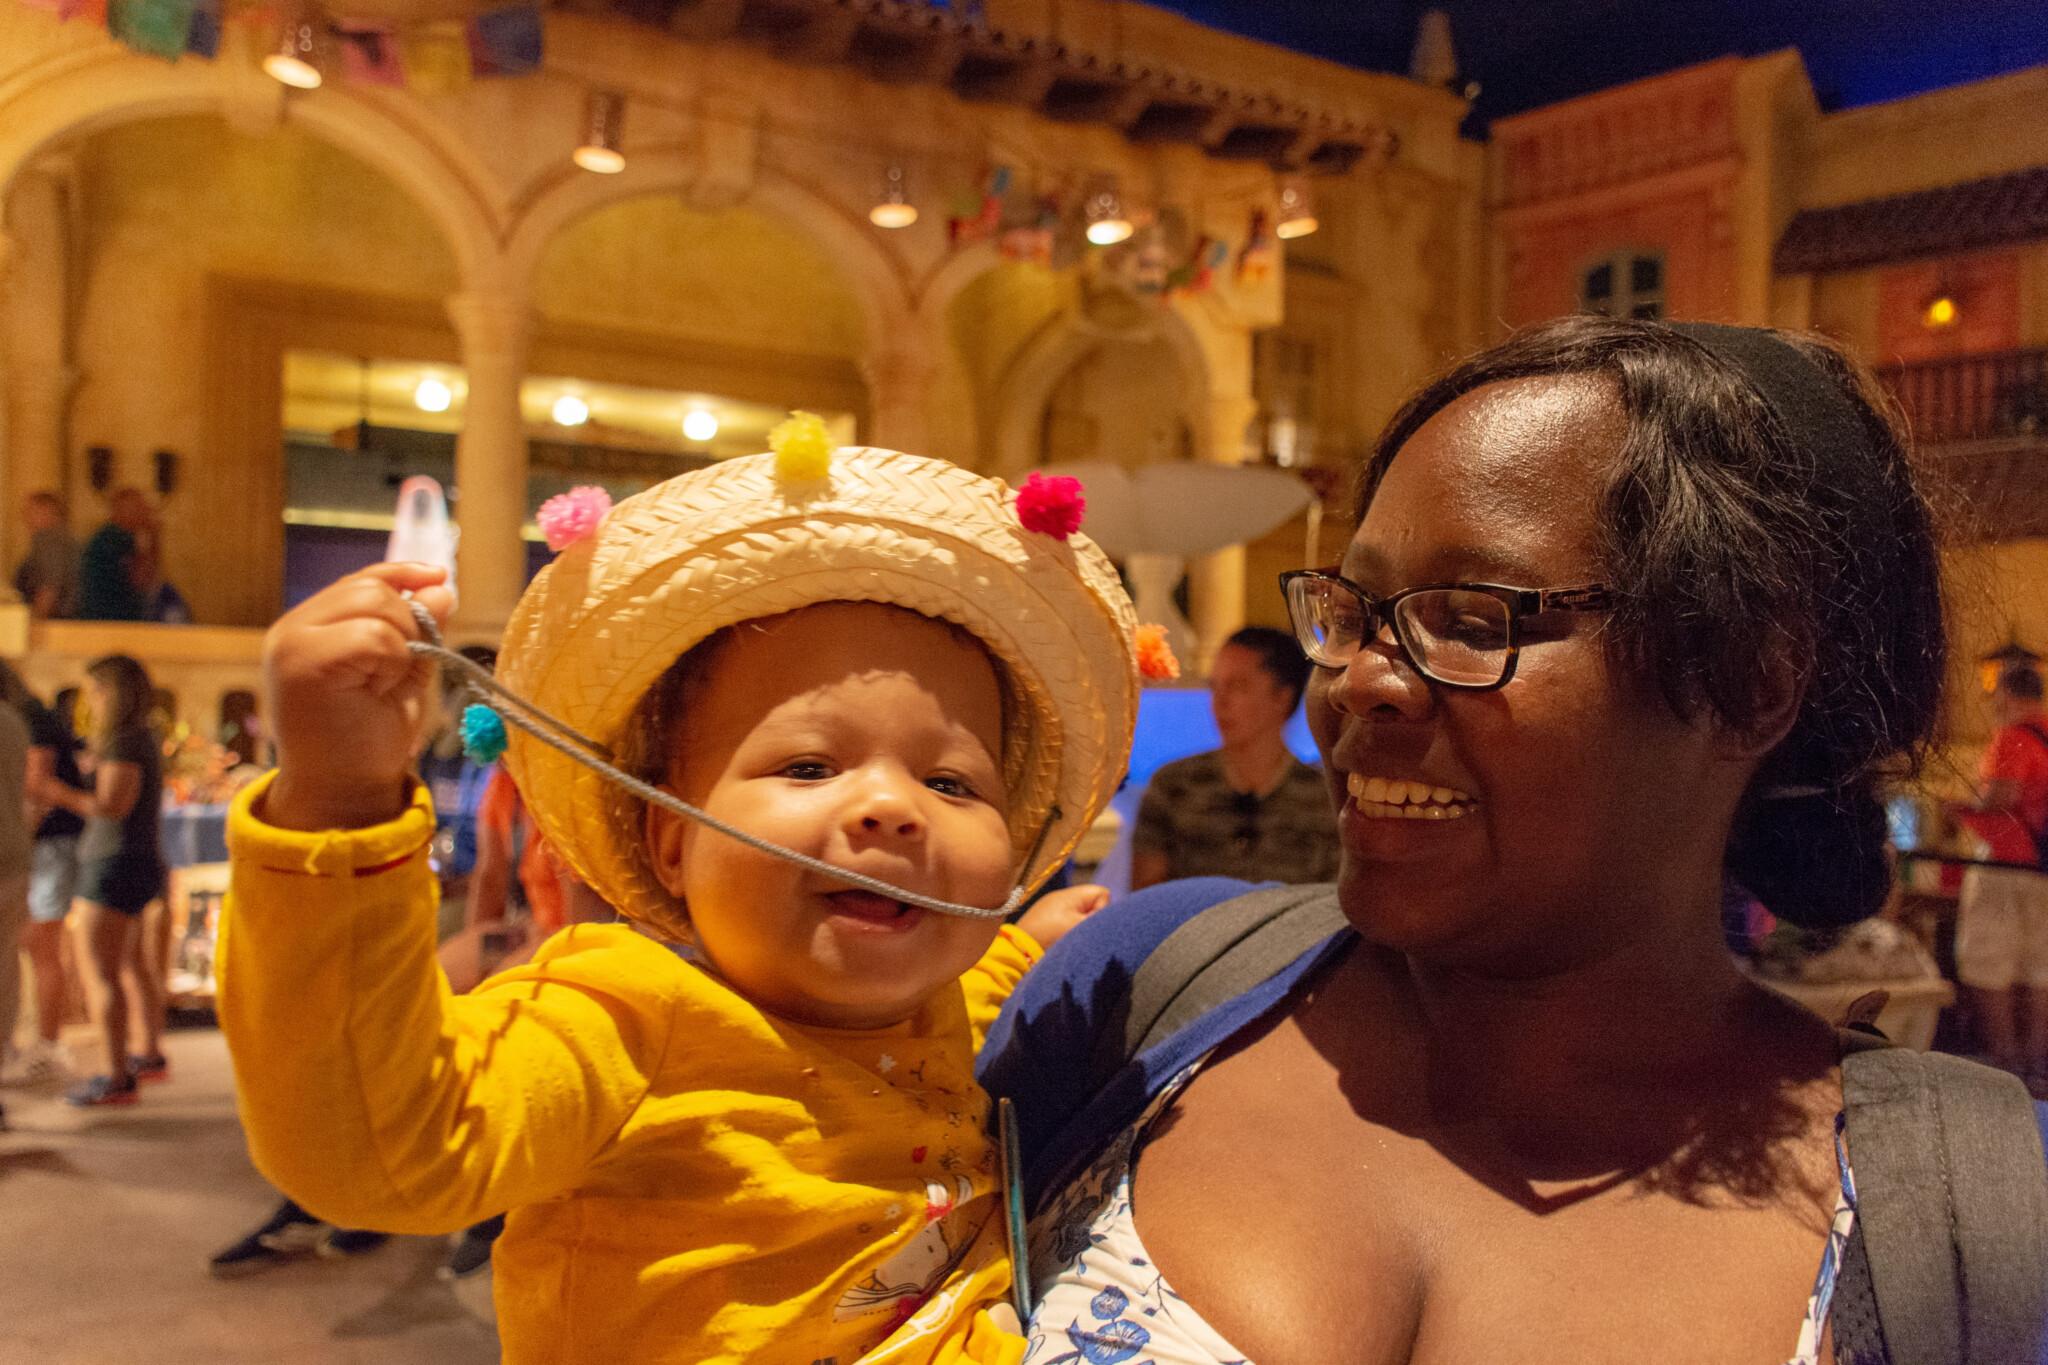 2 semaines en Floride avec un bébé de 1 an - Séjour du 2 au 16 mai 2019 DCL + WDW - Page 17 DSC_8436-2048x1365